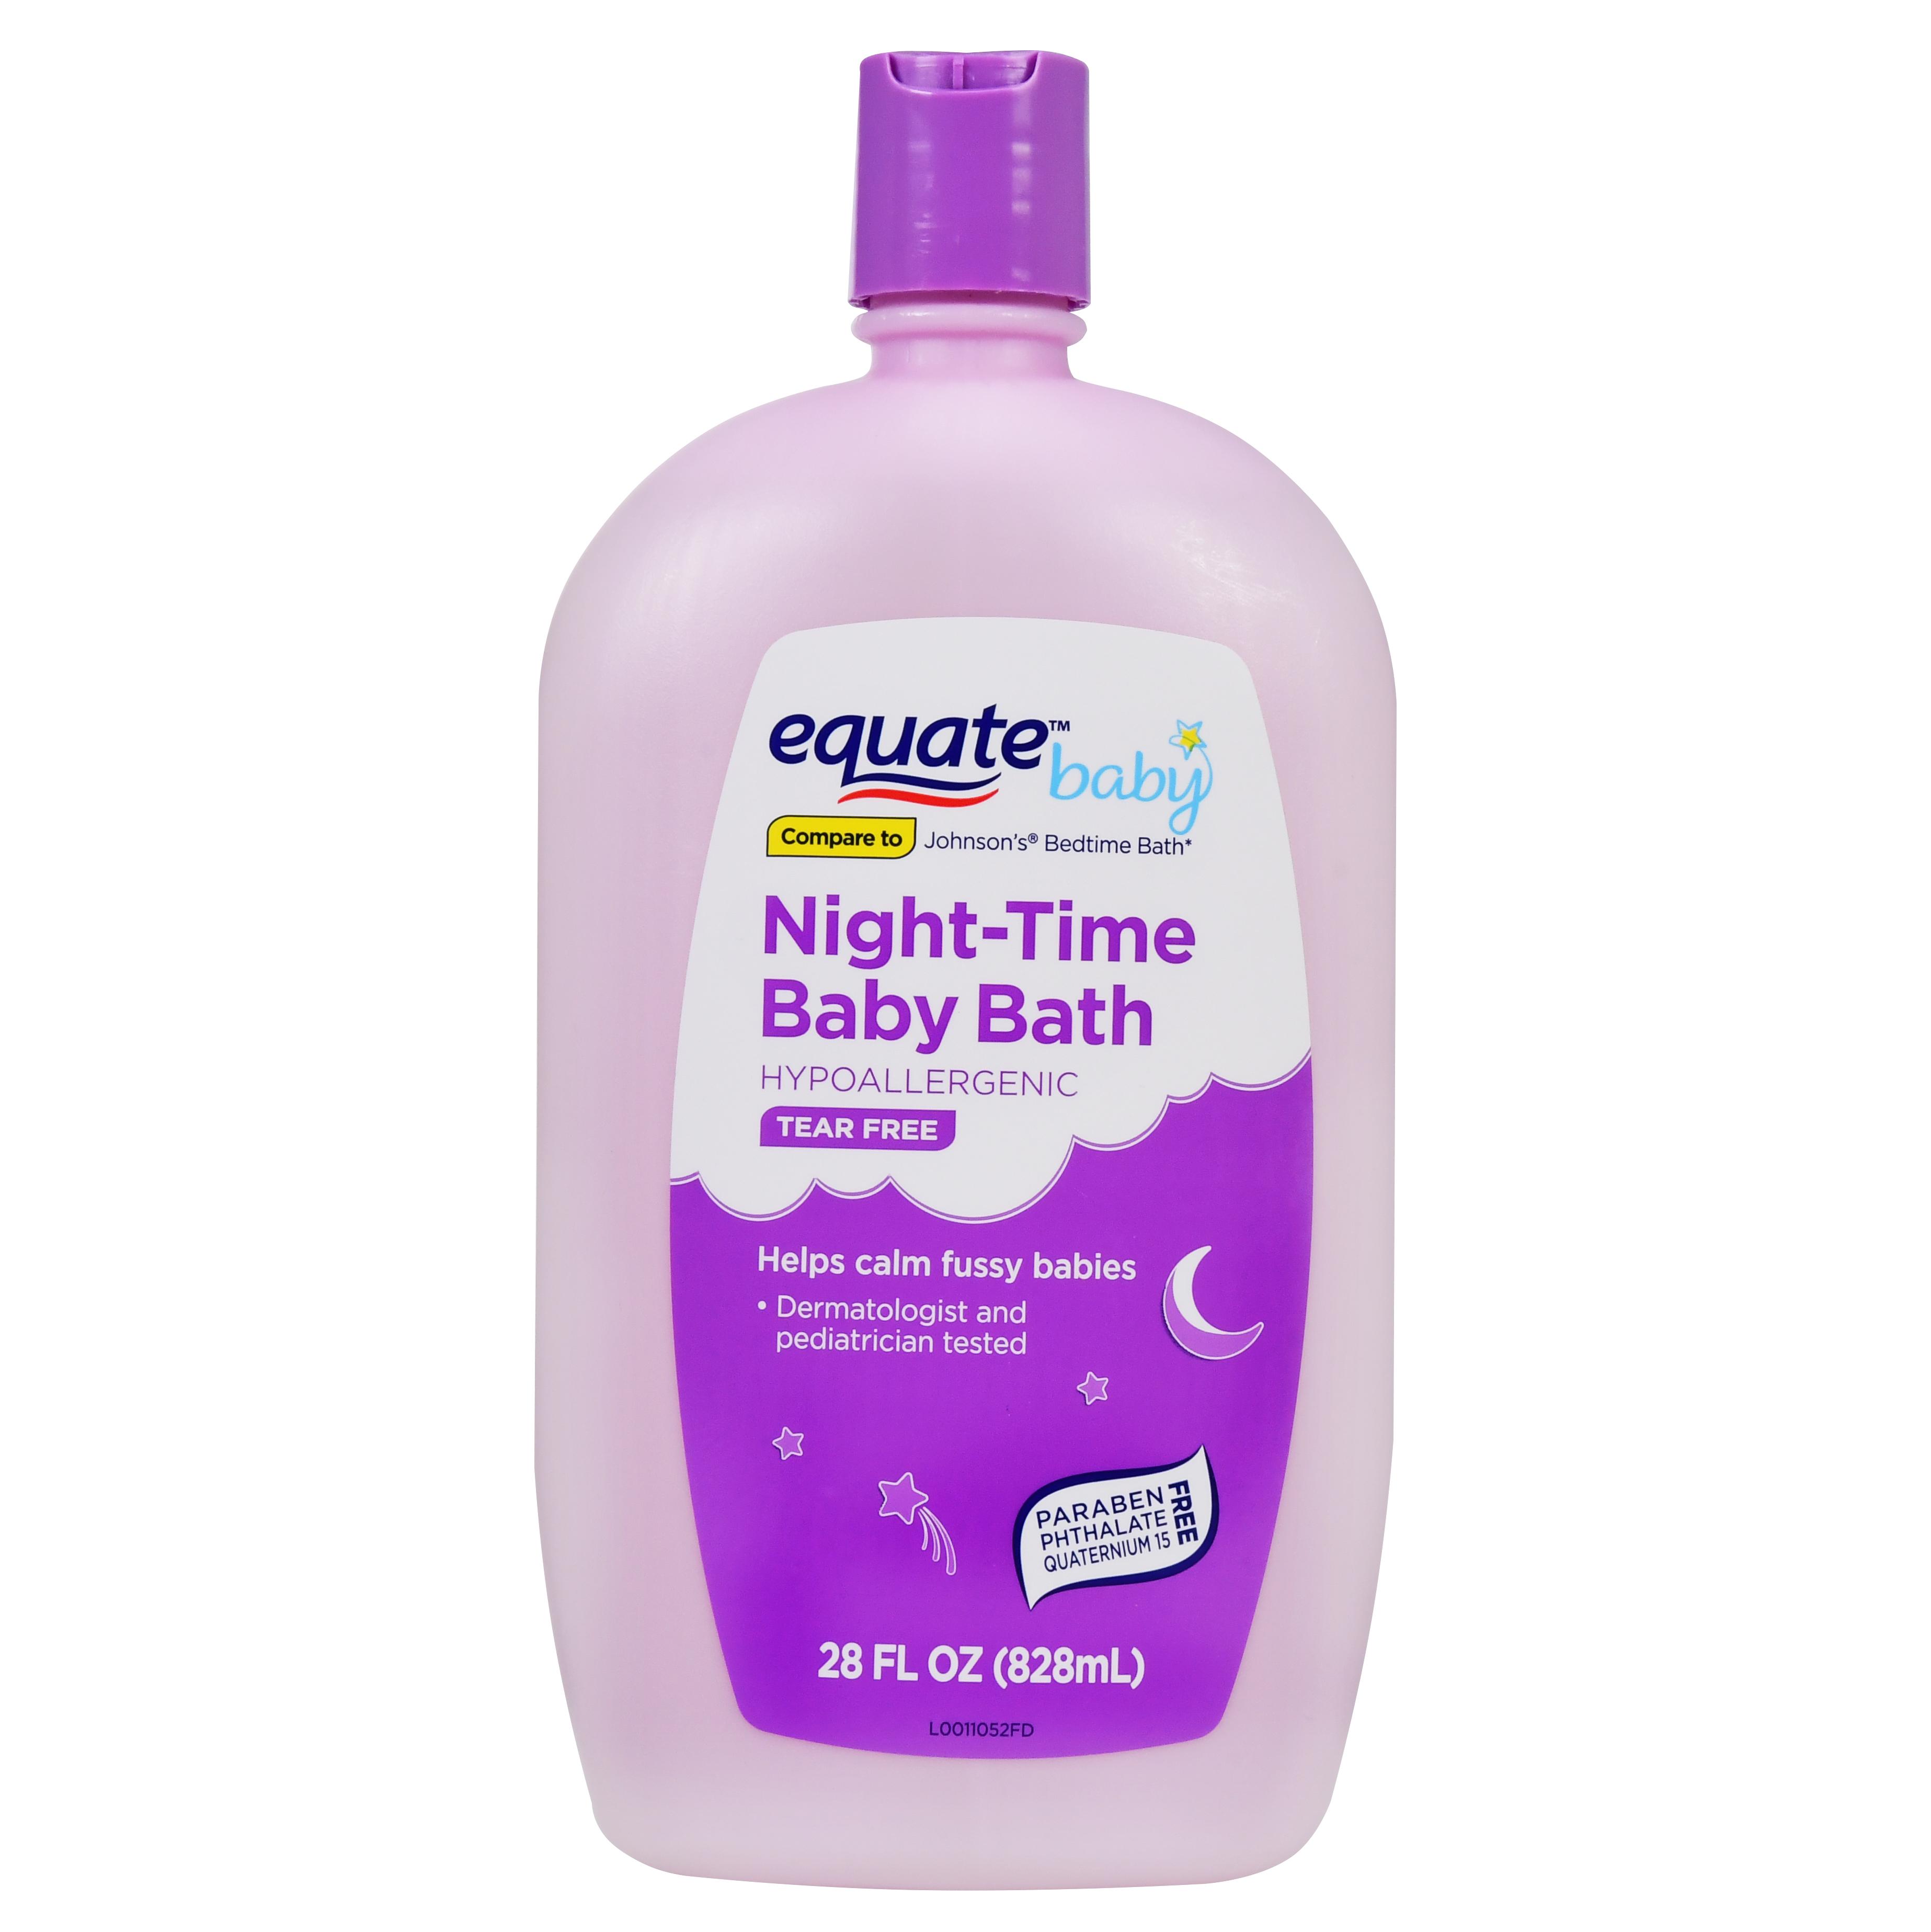 Equate Tear Free Night-Time Baby Bath, 28 Fl Oz